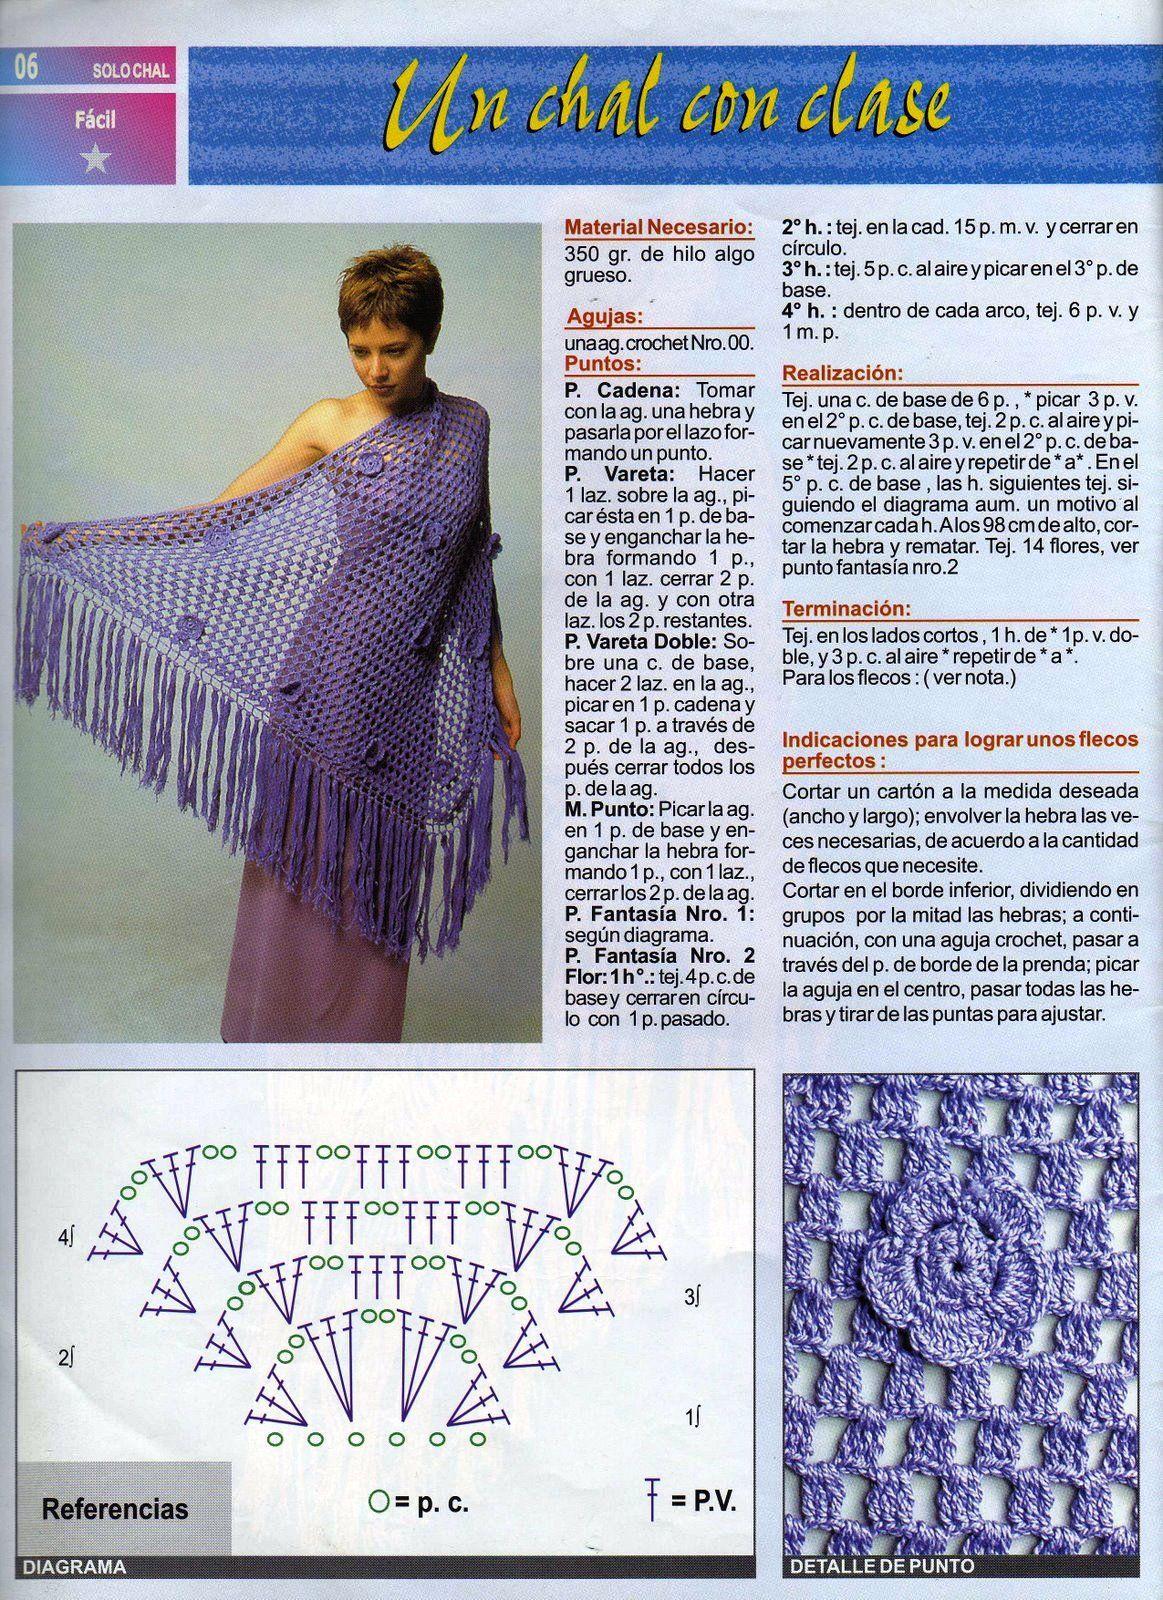 Patrones de Crochet. Chal | crochet | Pinterest | Patrones de ...